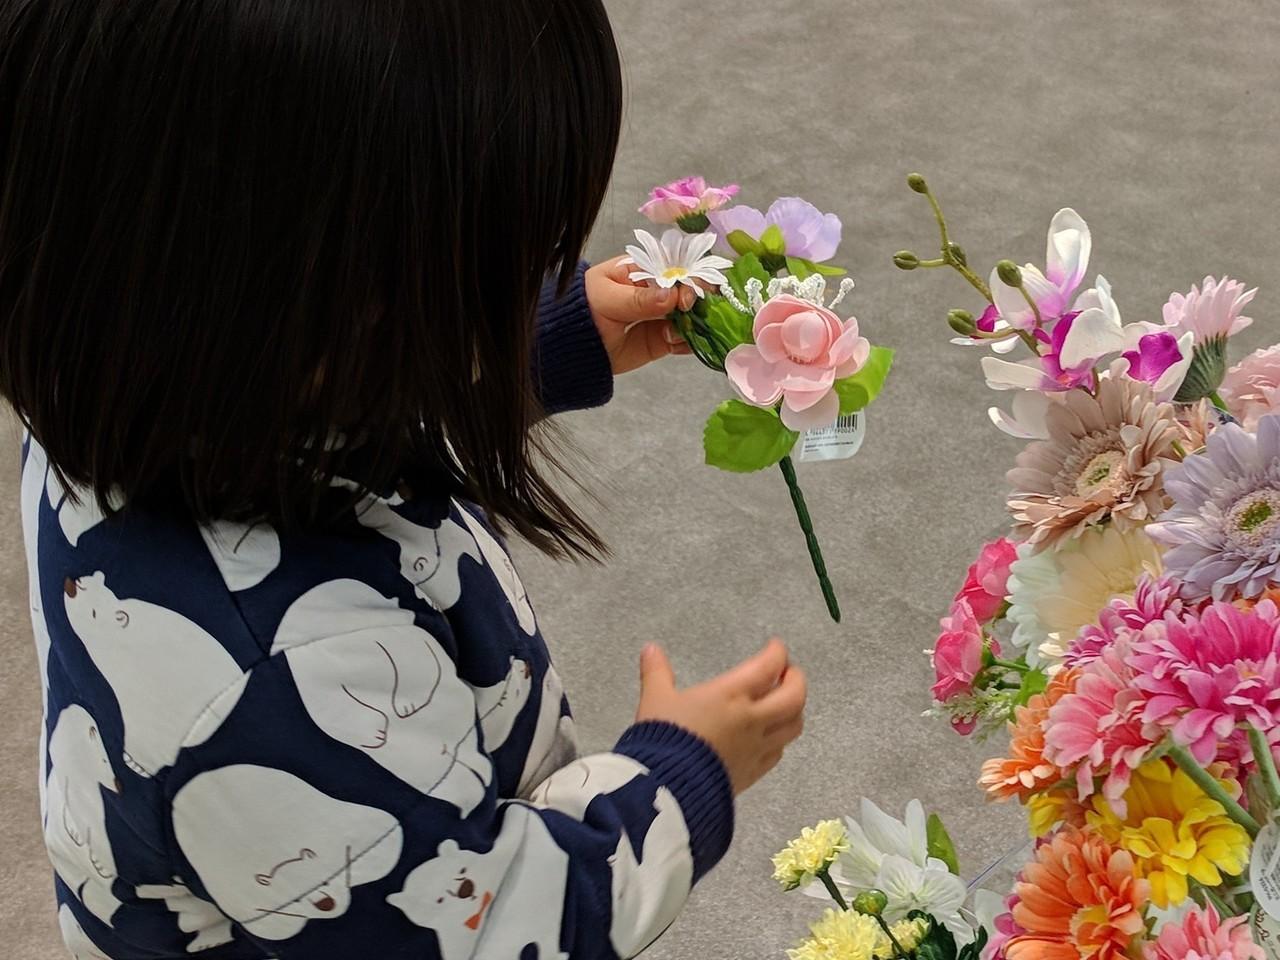 100円ショップへ行くたびに、造花を手に取り感動している。